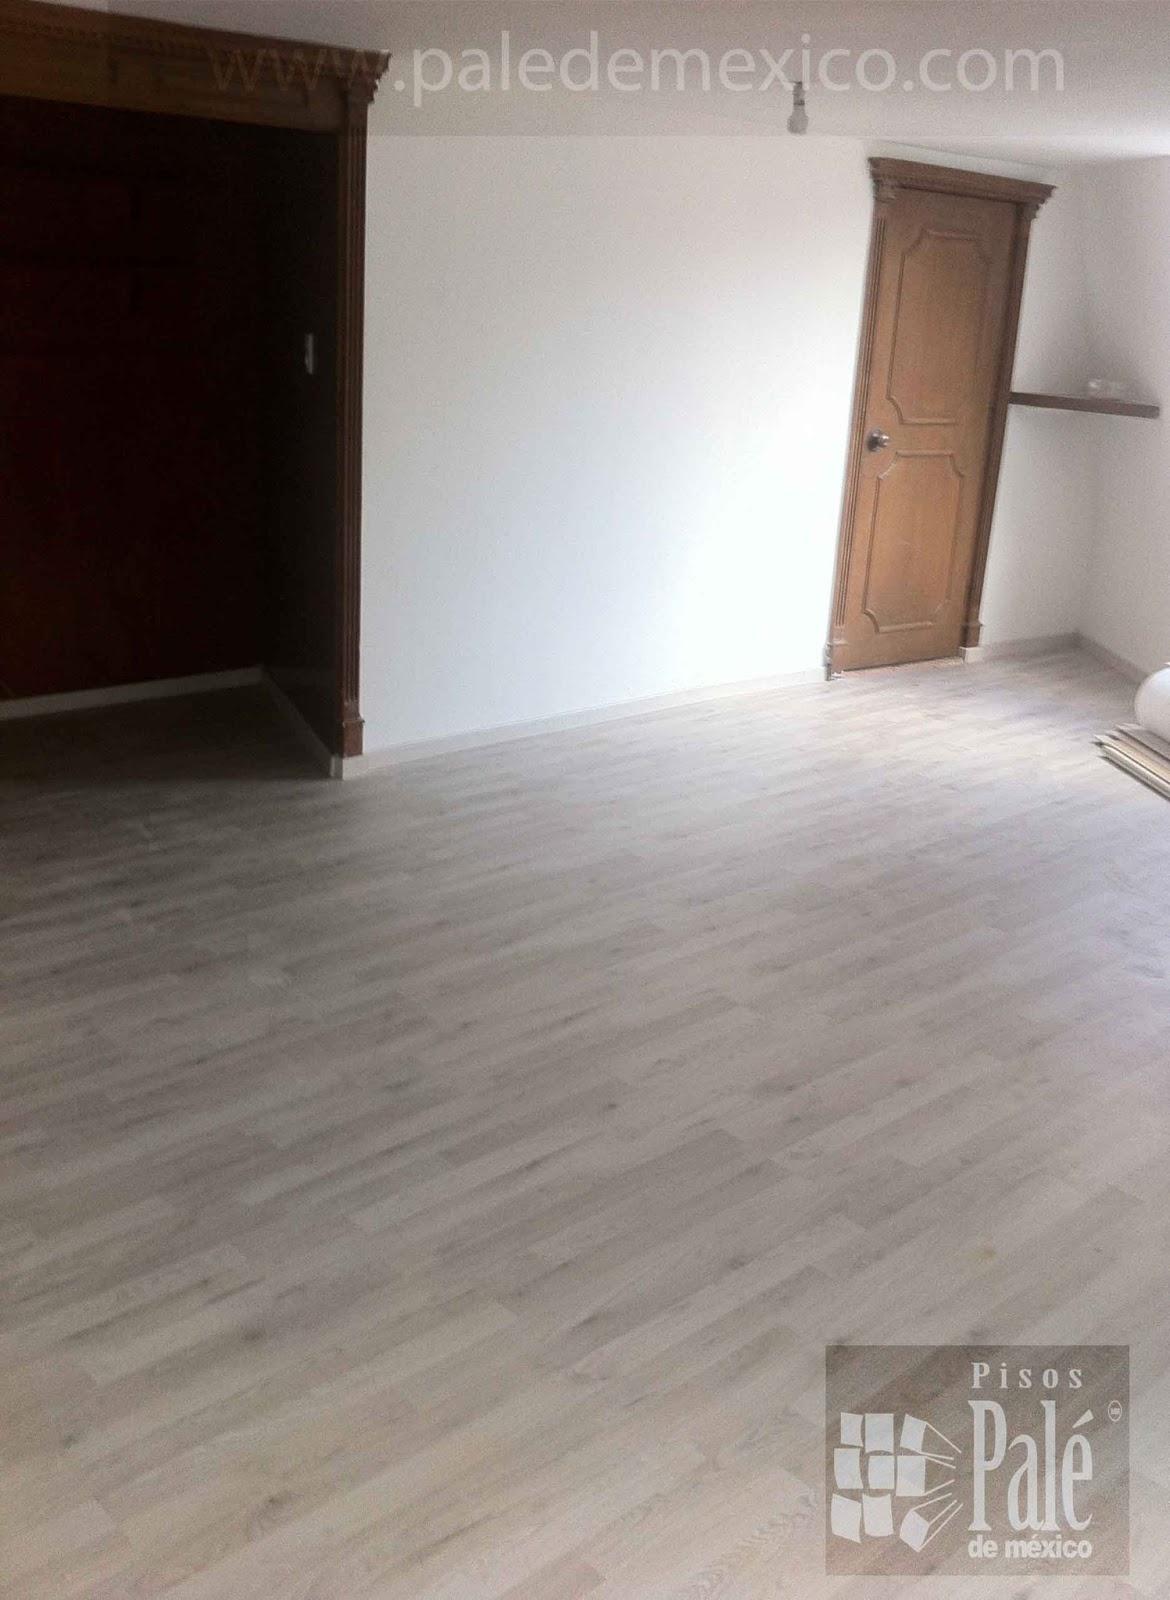 Y el nuevo piso laminado es de color gris for Pisos de madera color gris